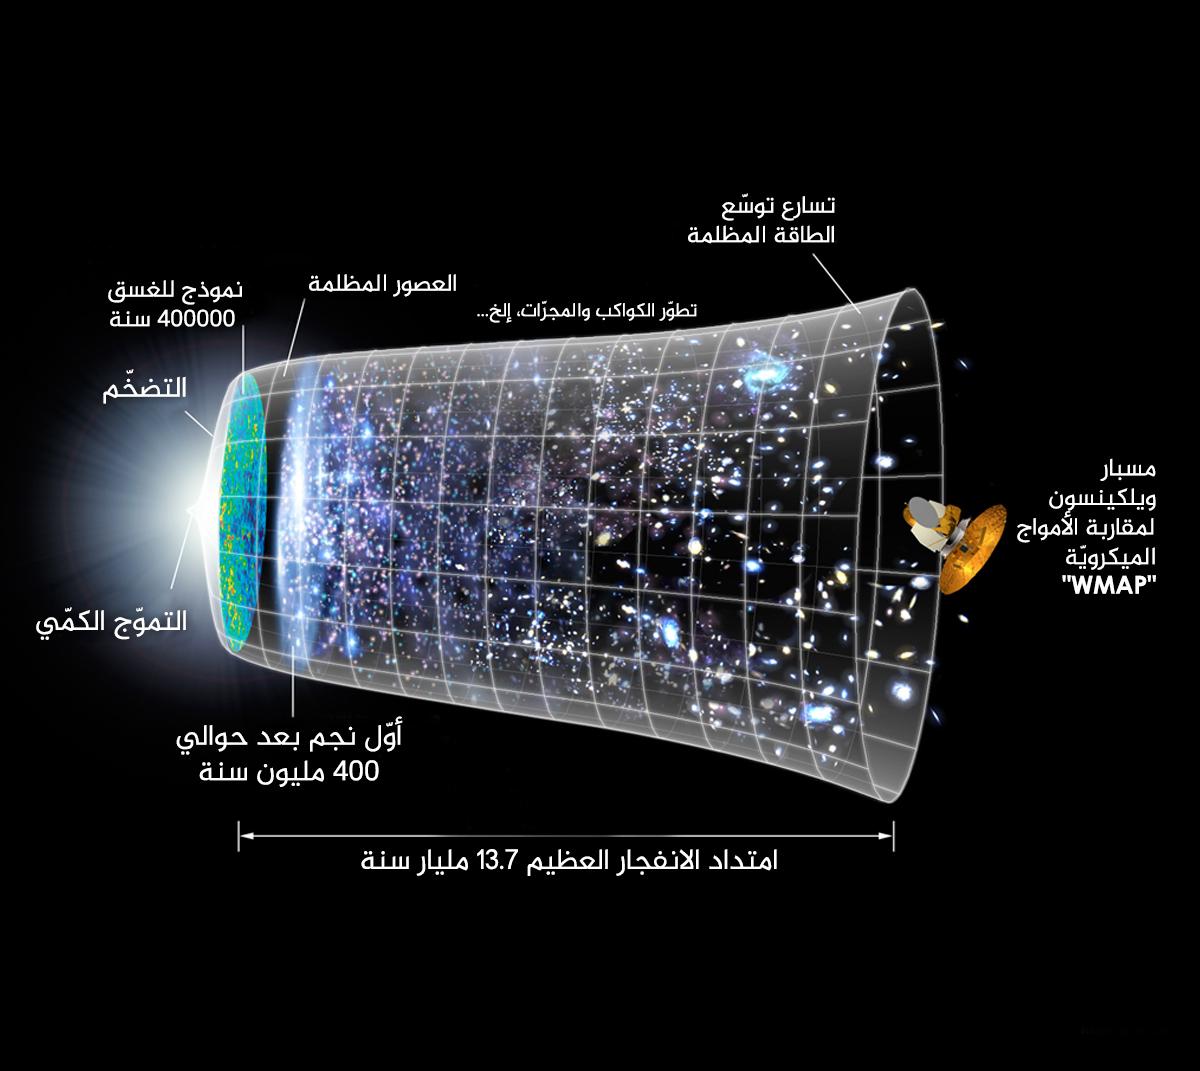 الانفجار العظيم للكون